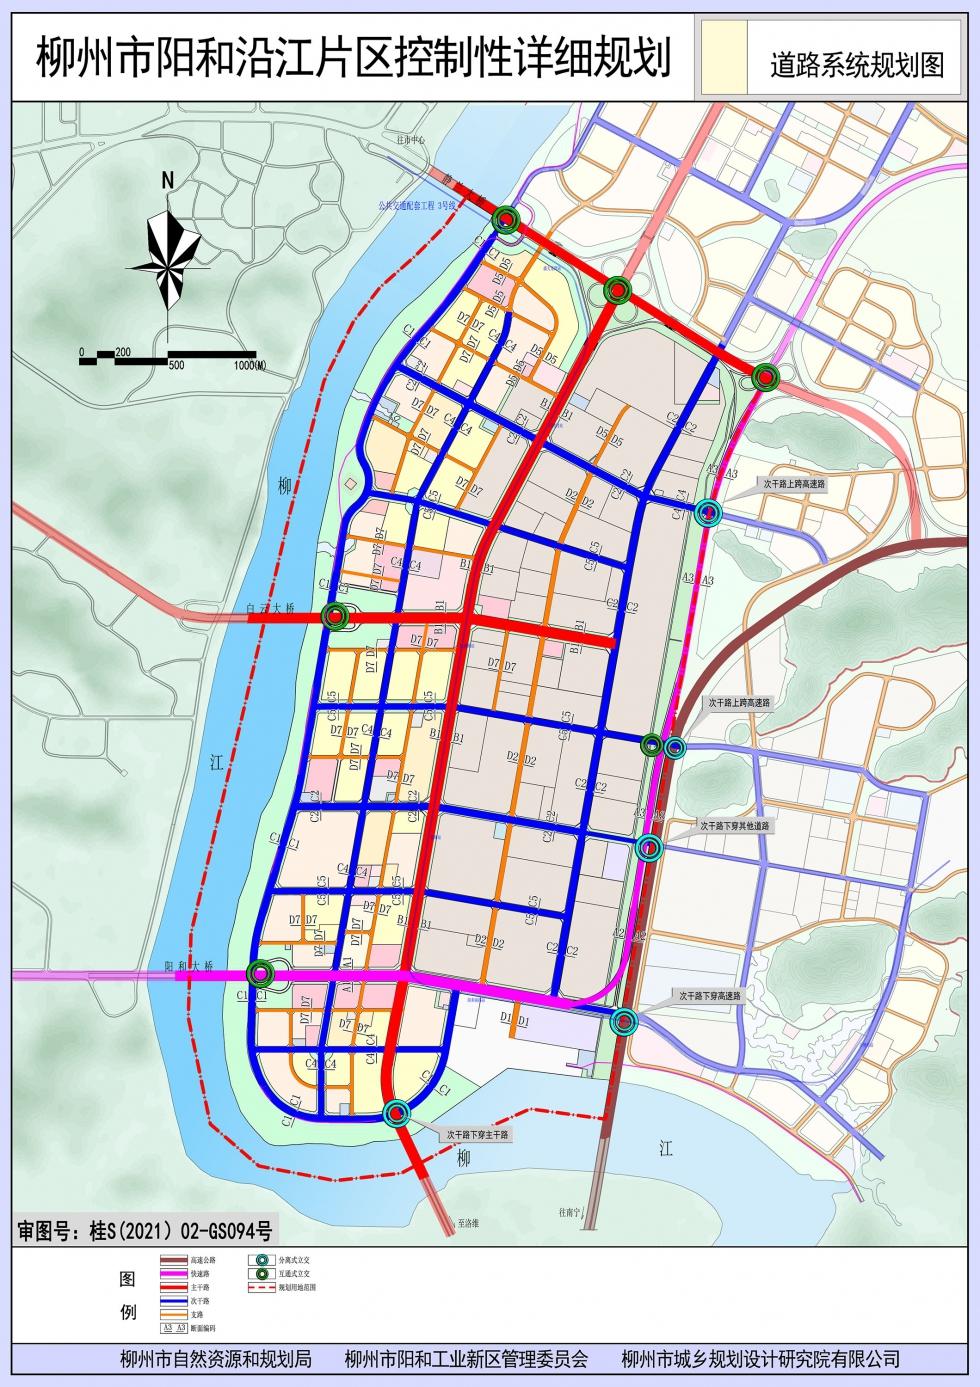 道路系统规划图.jpg